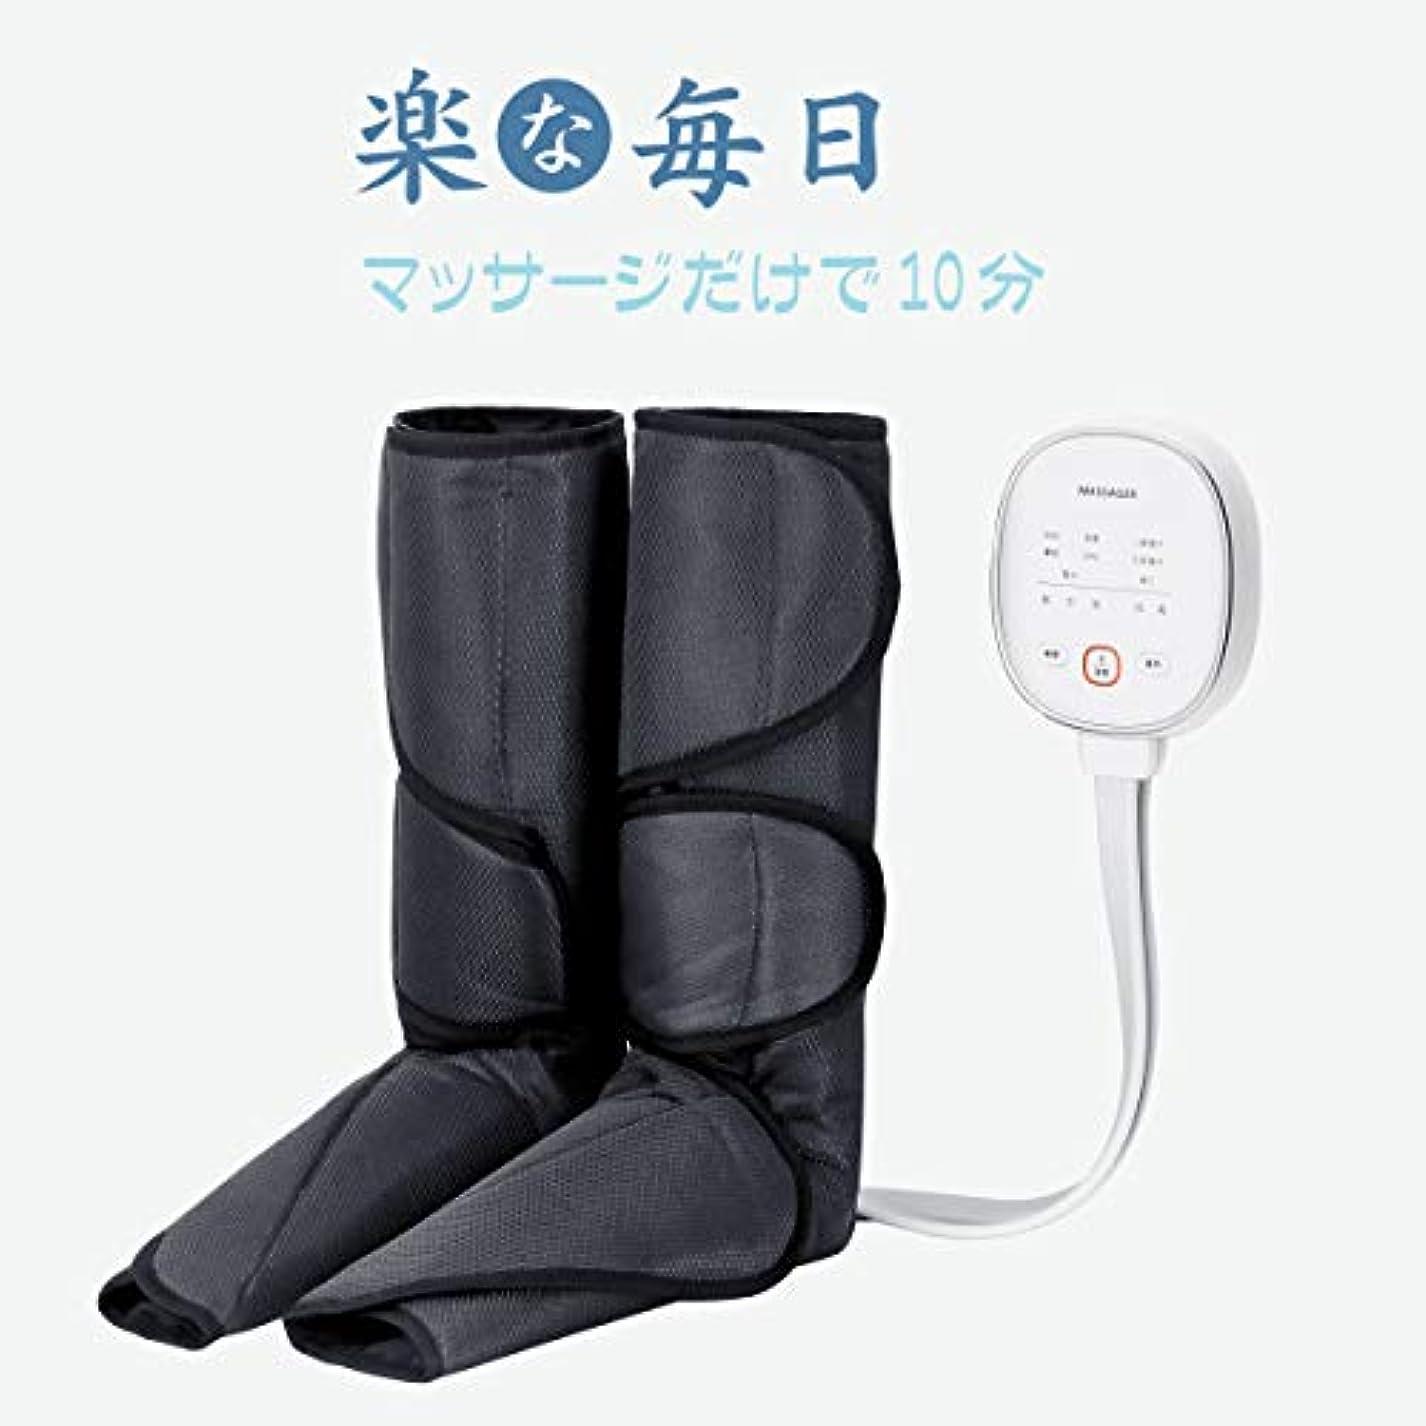 散らす万一に備えて干渉するマッサージ フット エアーマッサージャー ふくらはぎ 気圧 6つのマッサージコースを 温感機能搭載 不眠症改善 敬老の日